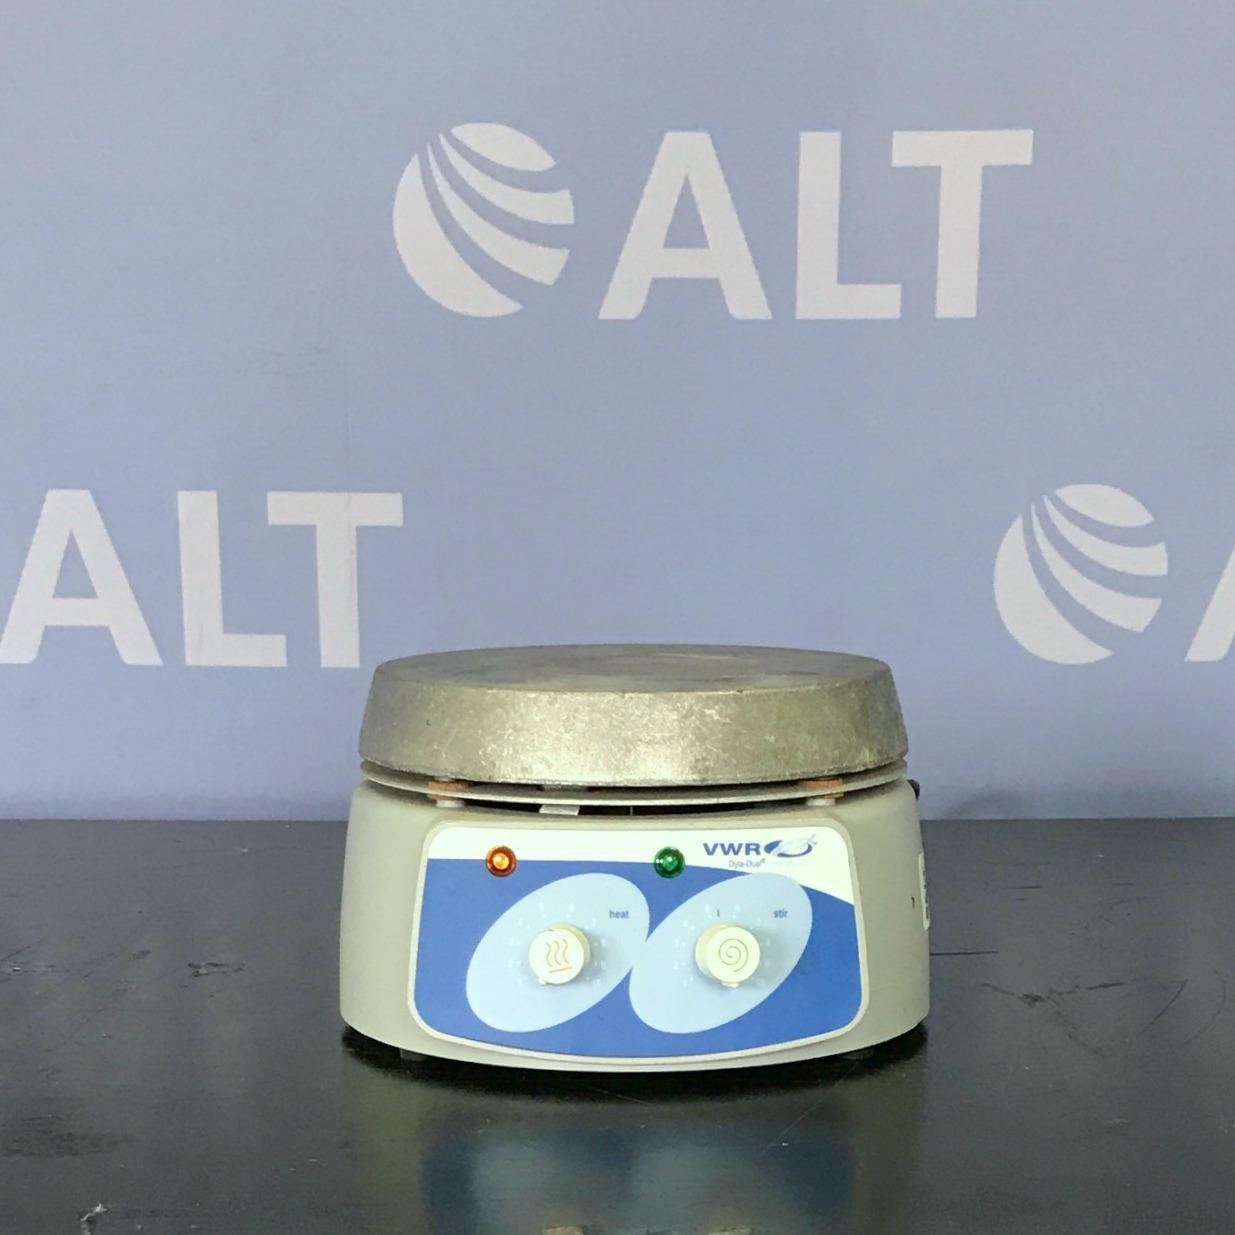 VWR Dyla-Dual Hot Plate/Stirrer 986950 Image